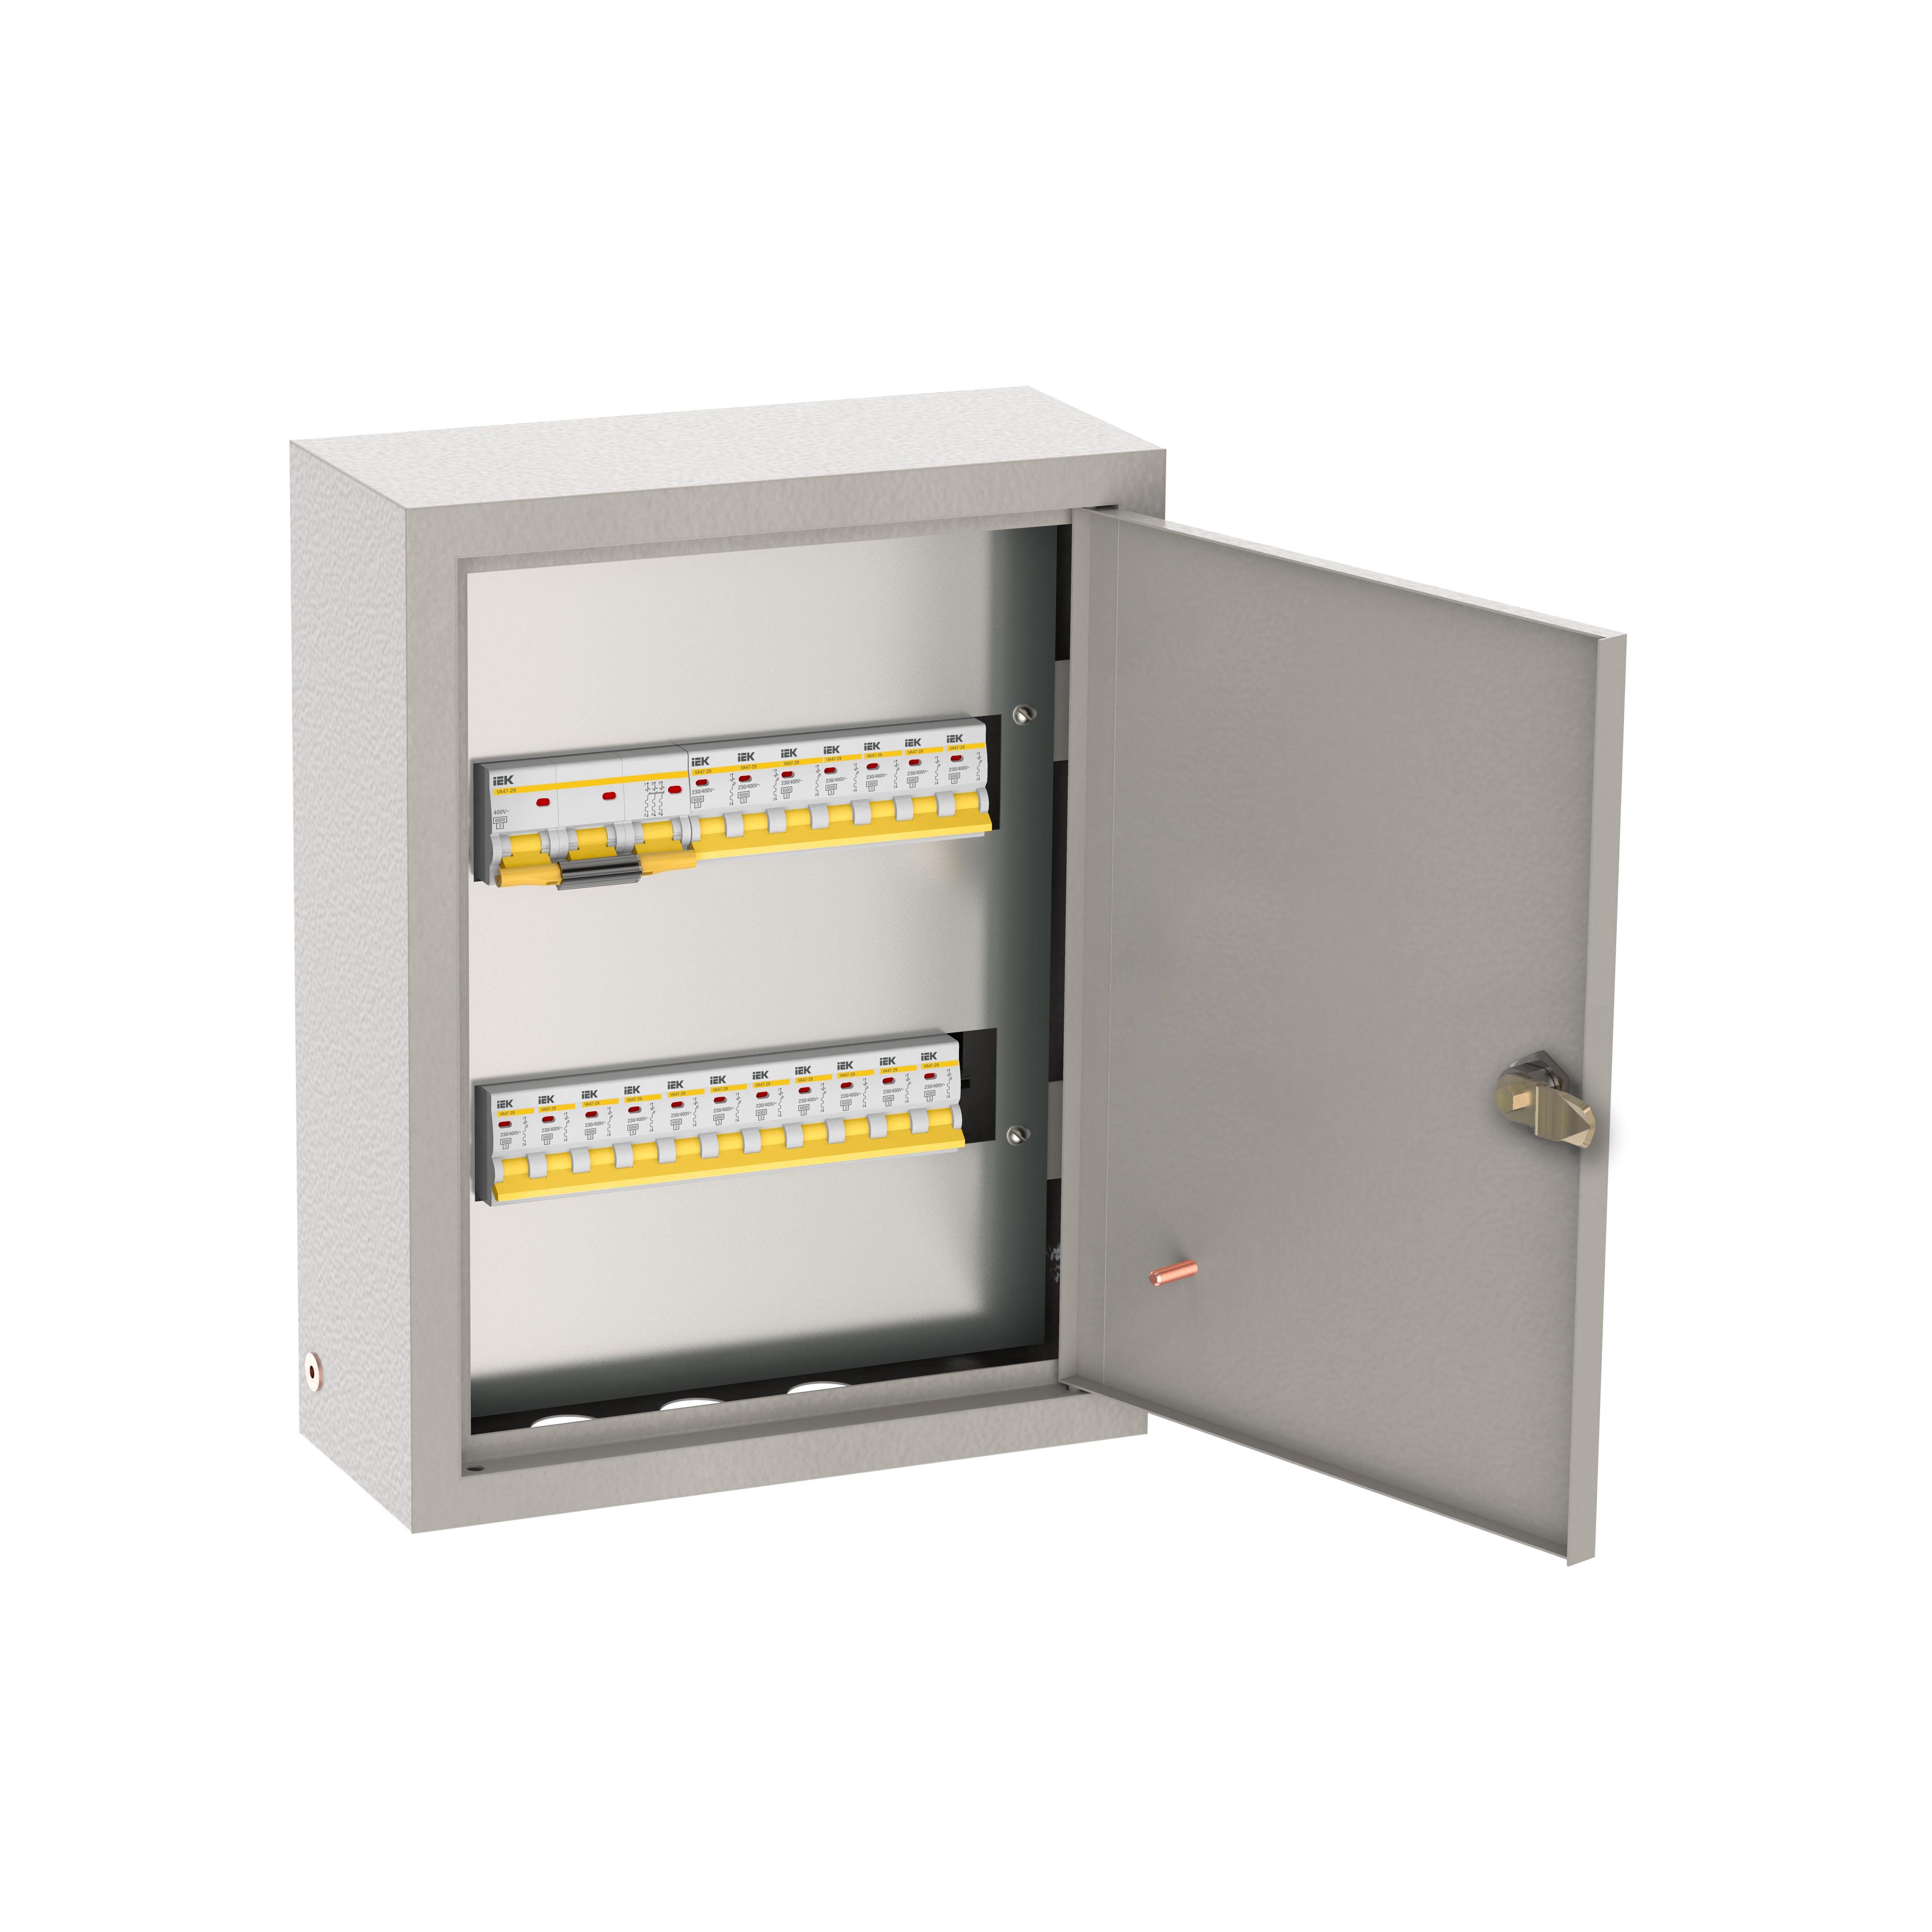 Щиток осветительный ОЩВ навесной с автоматическими выключателями 3p 1х100А 1p 18х16А IEK